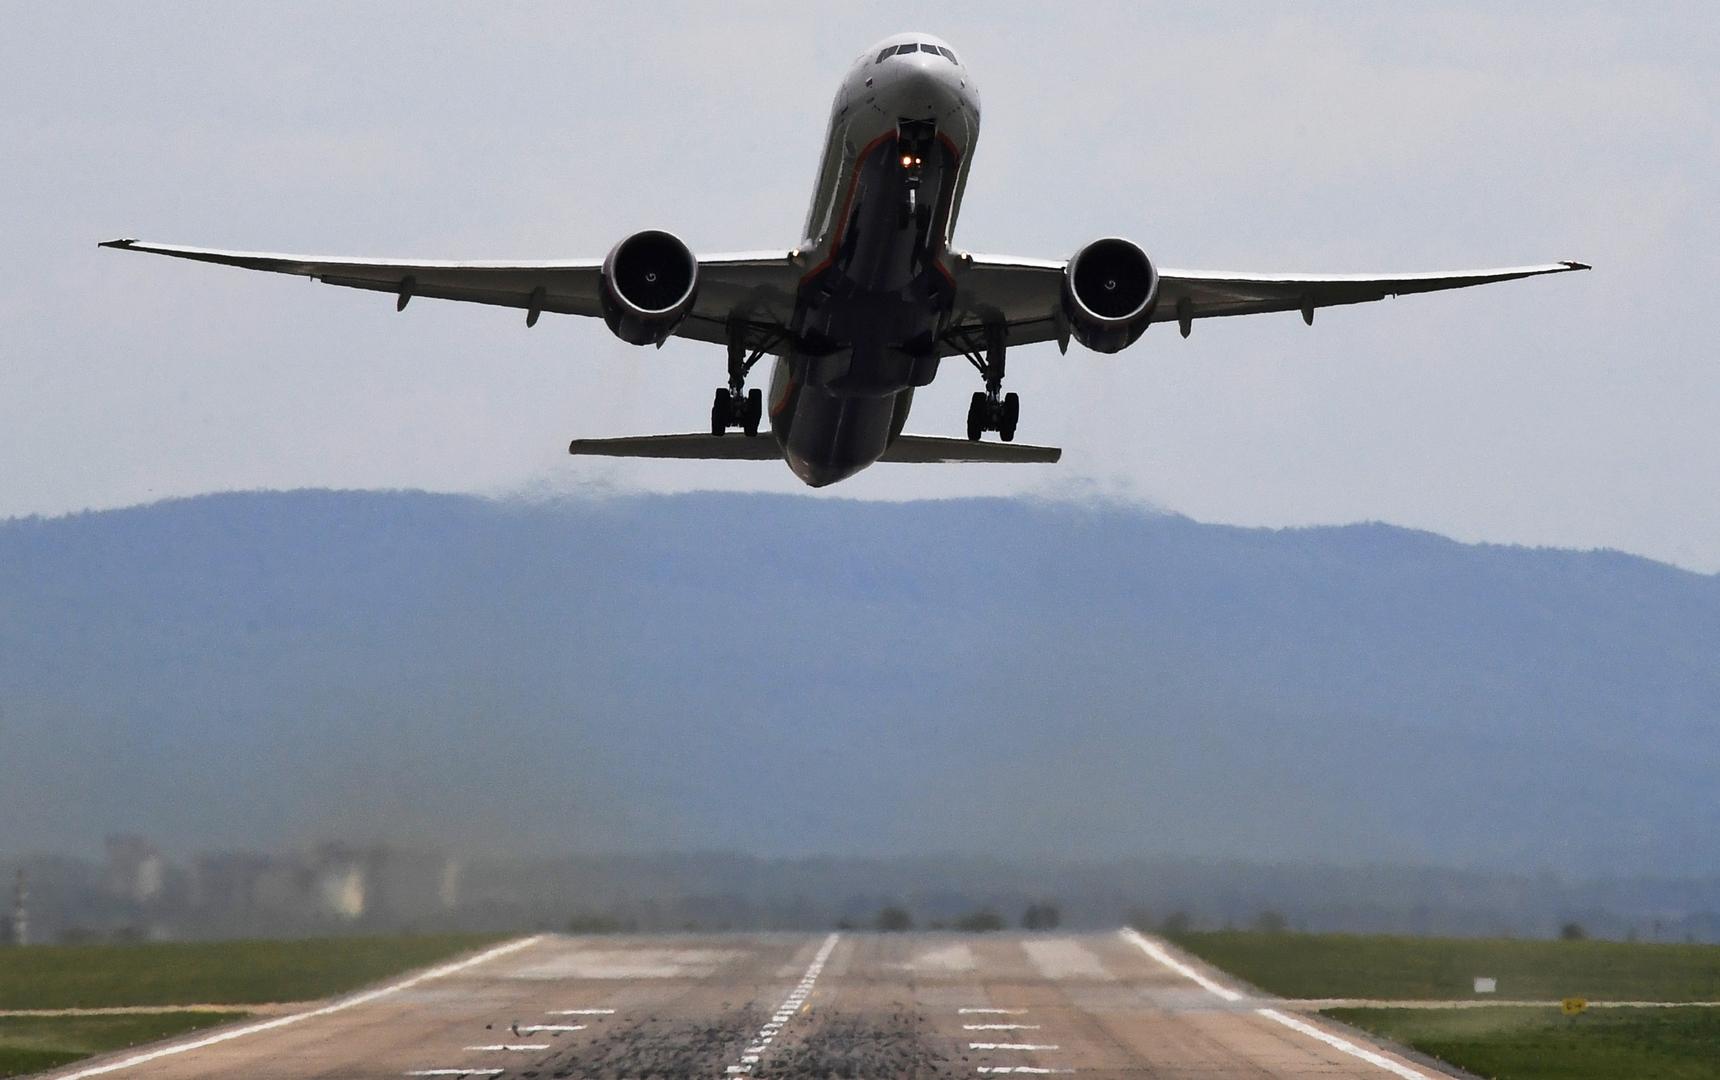 روسيا تعلن استئناف الطيران مع 9 دول في يونيو بينها دولتان عربيتان وتبقي الحظر مع تركيا